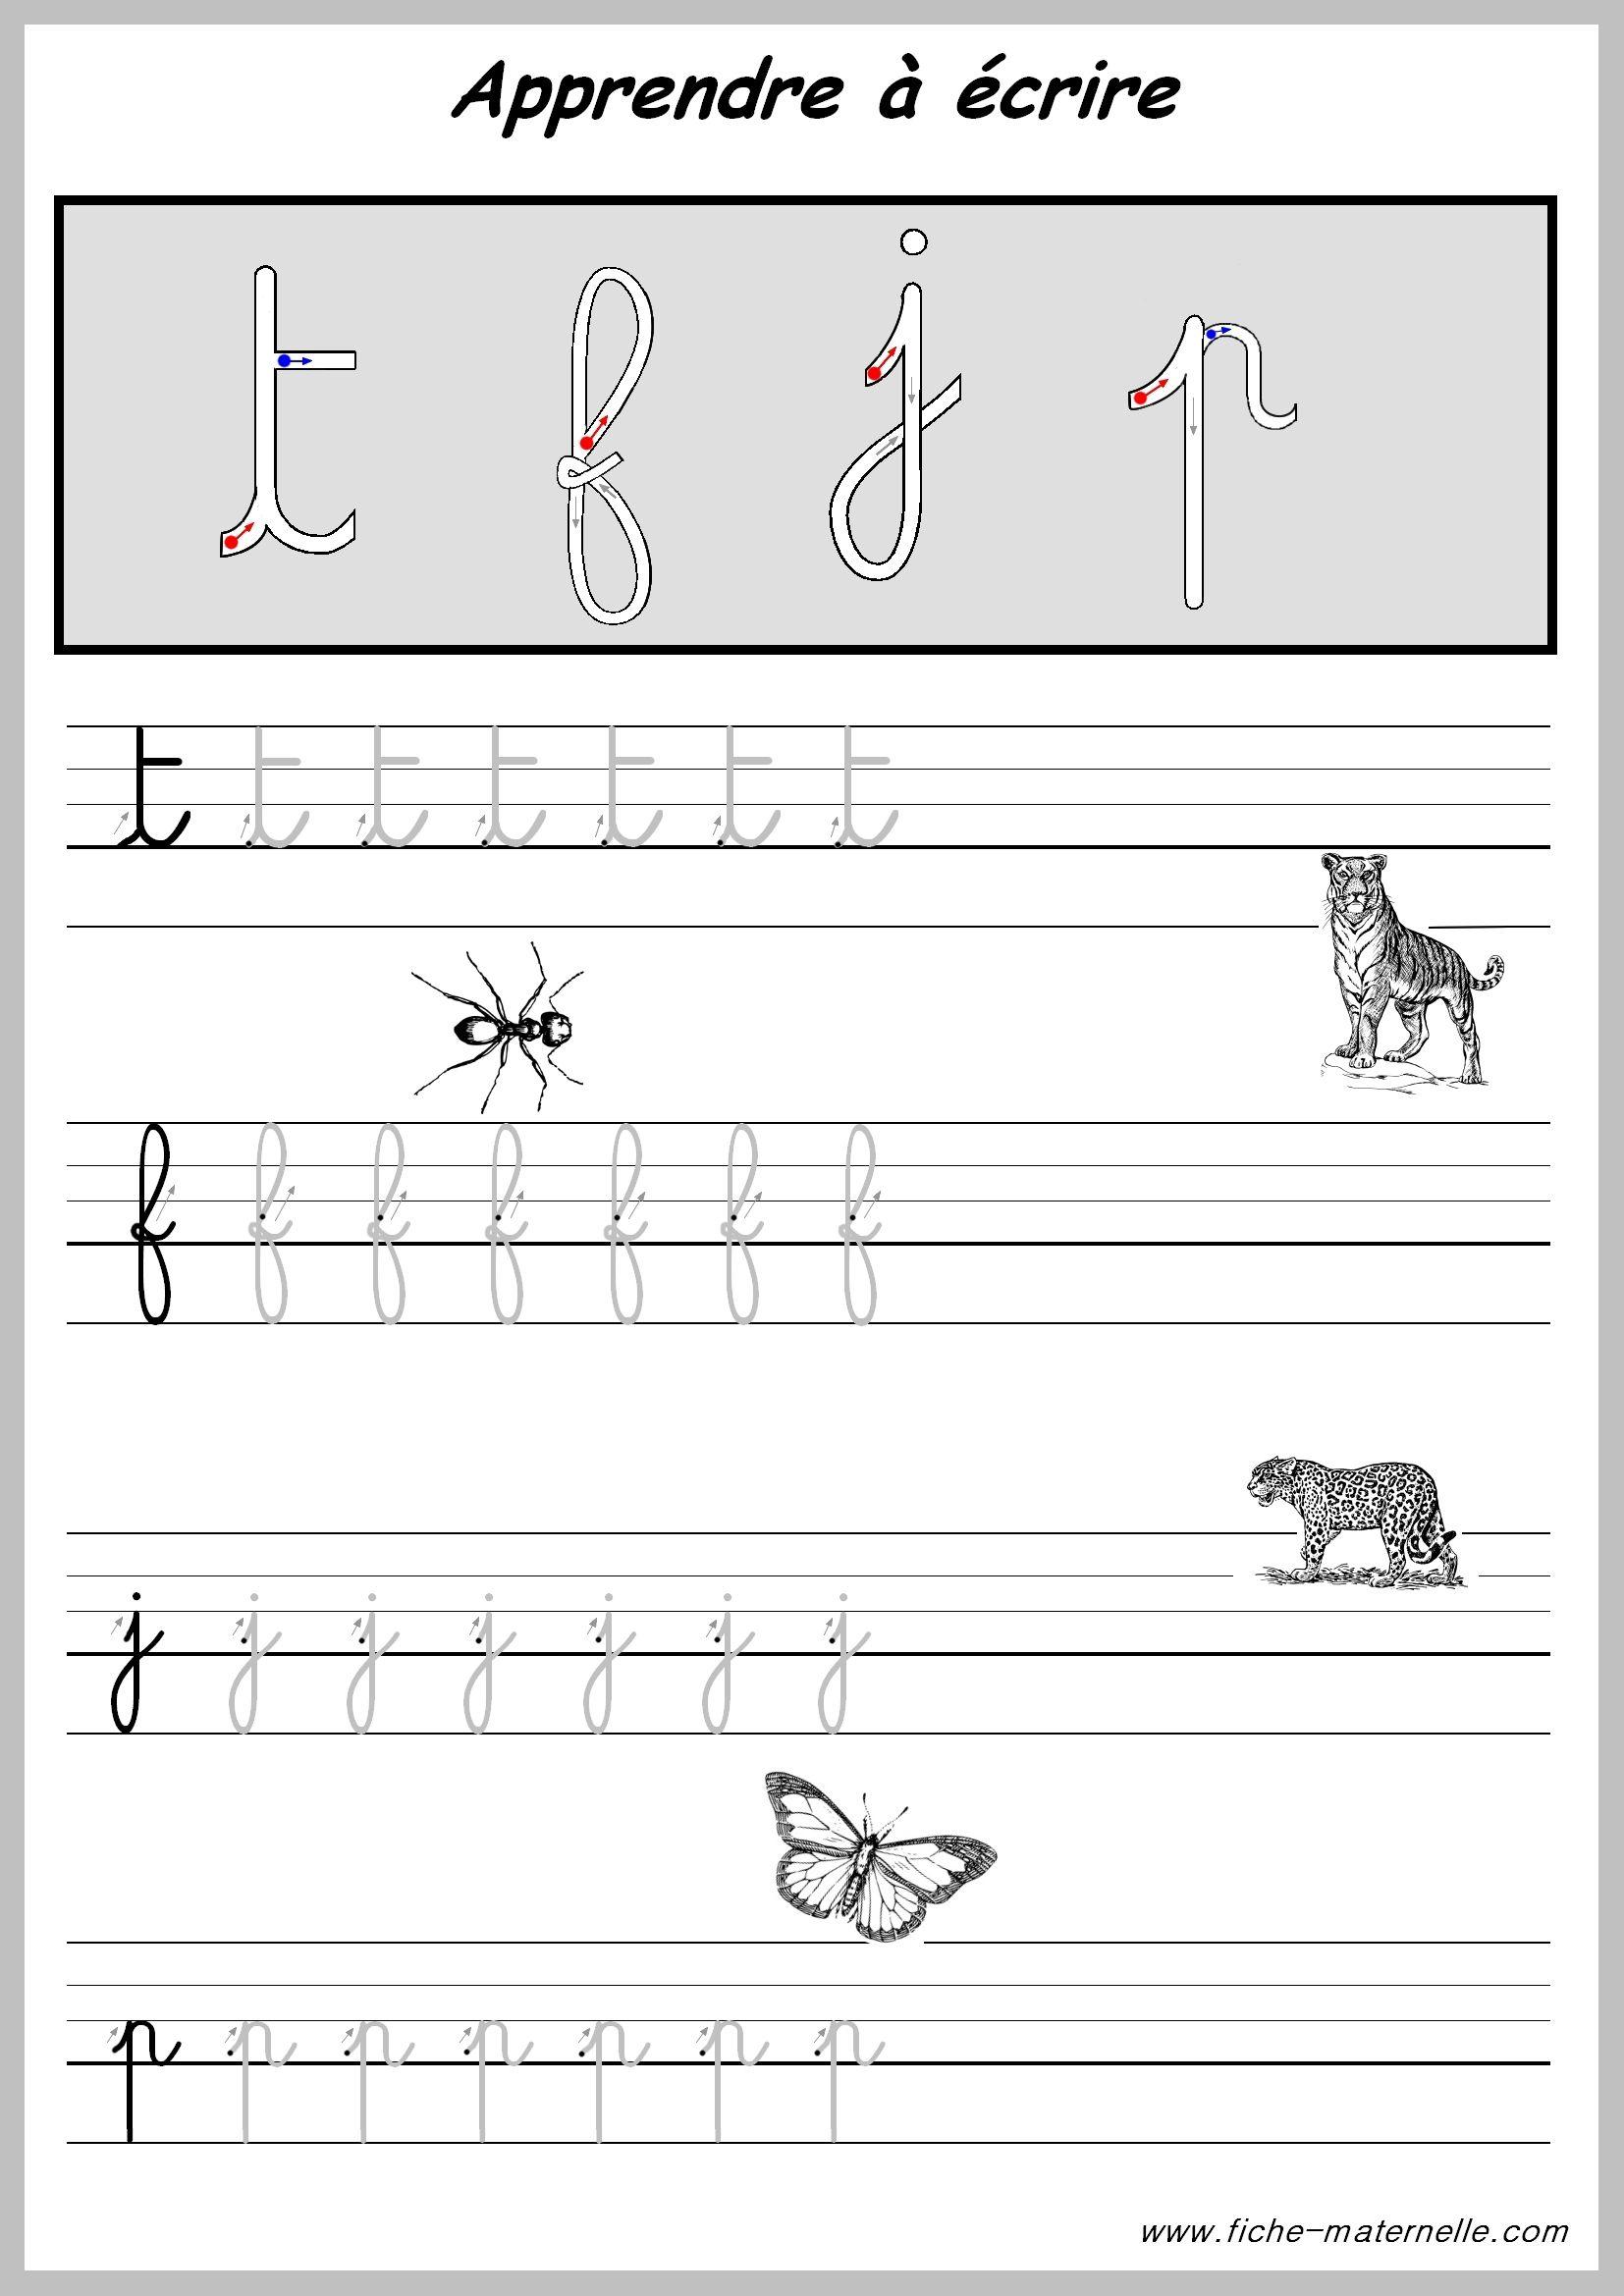 Exercices Pour Apprendre A Ecrire Les Lettres. | Écrire En avec Apprendre Les Lettres Maternelle